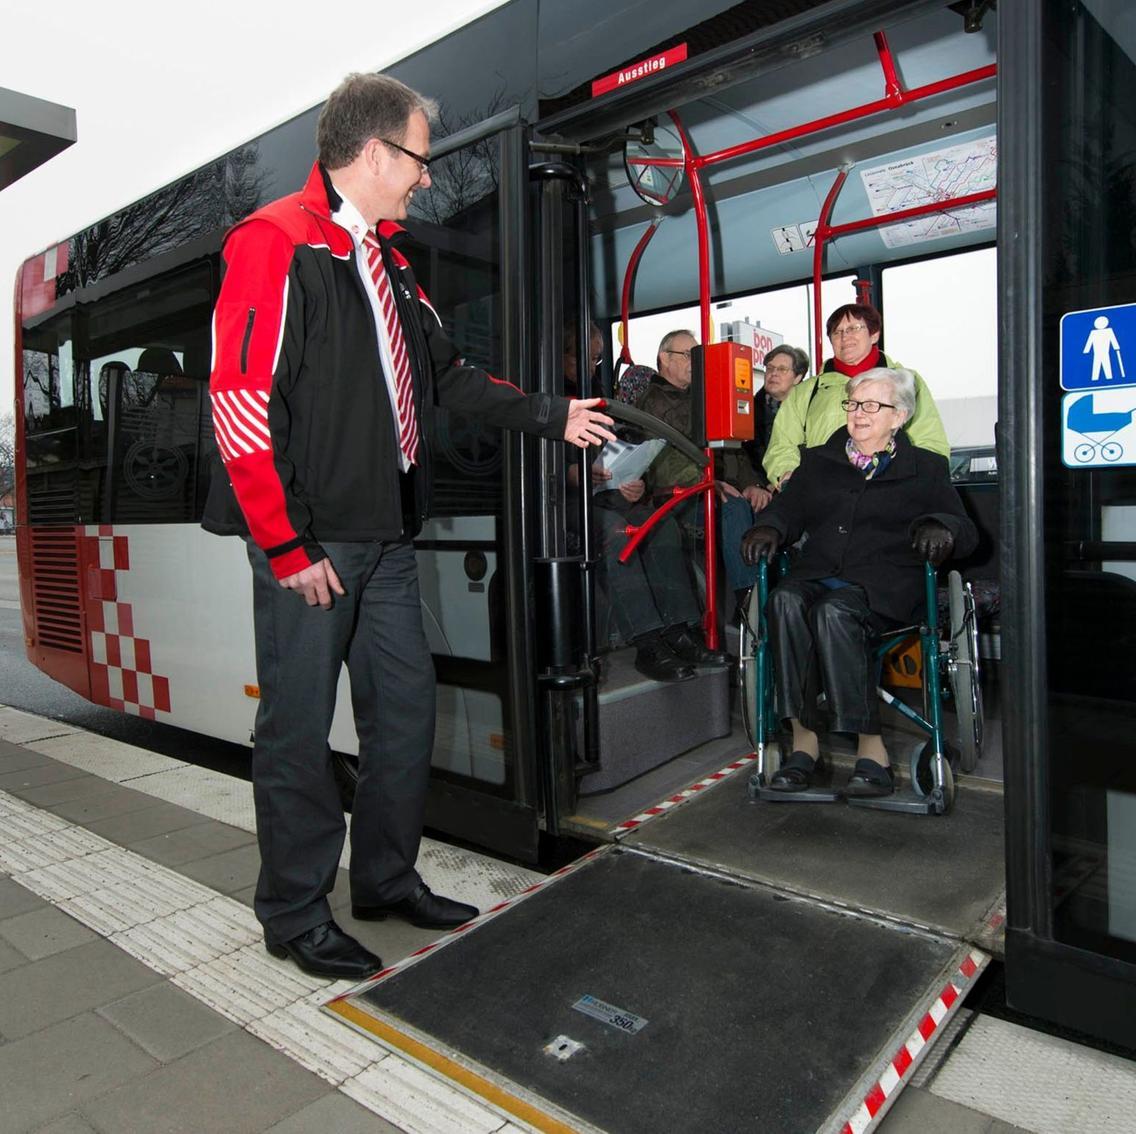 Busfahrer klappt Rollstuhlrampe für Frau im Rollstuhl aus